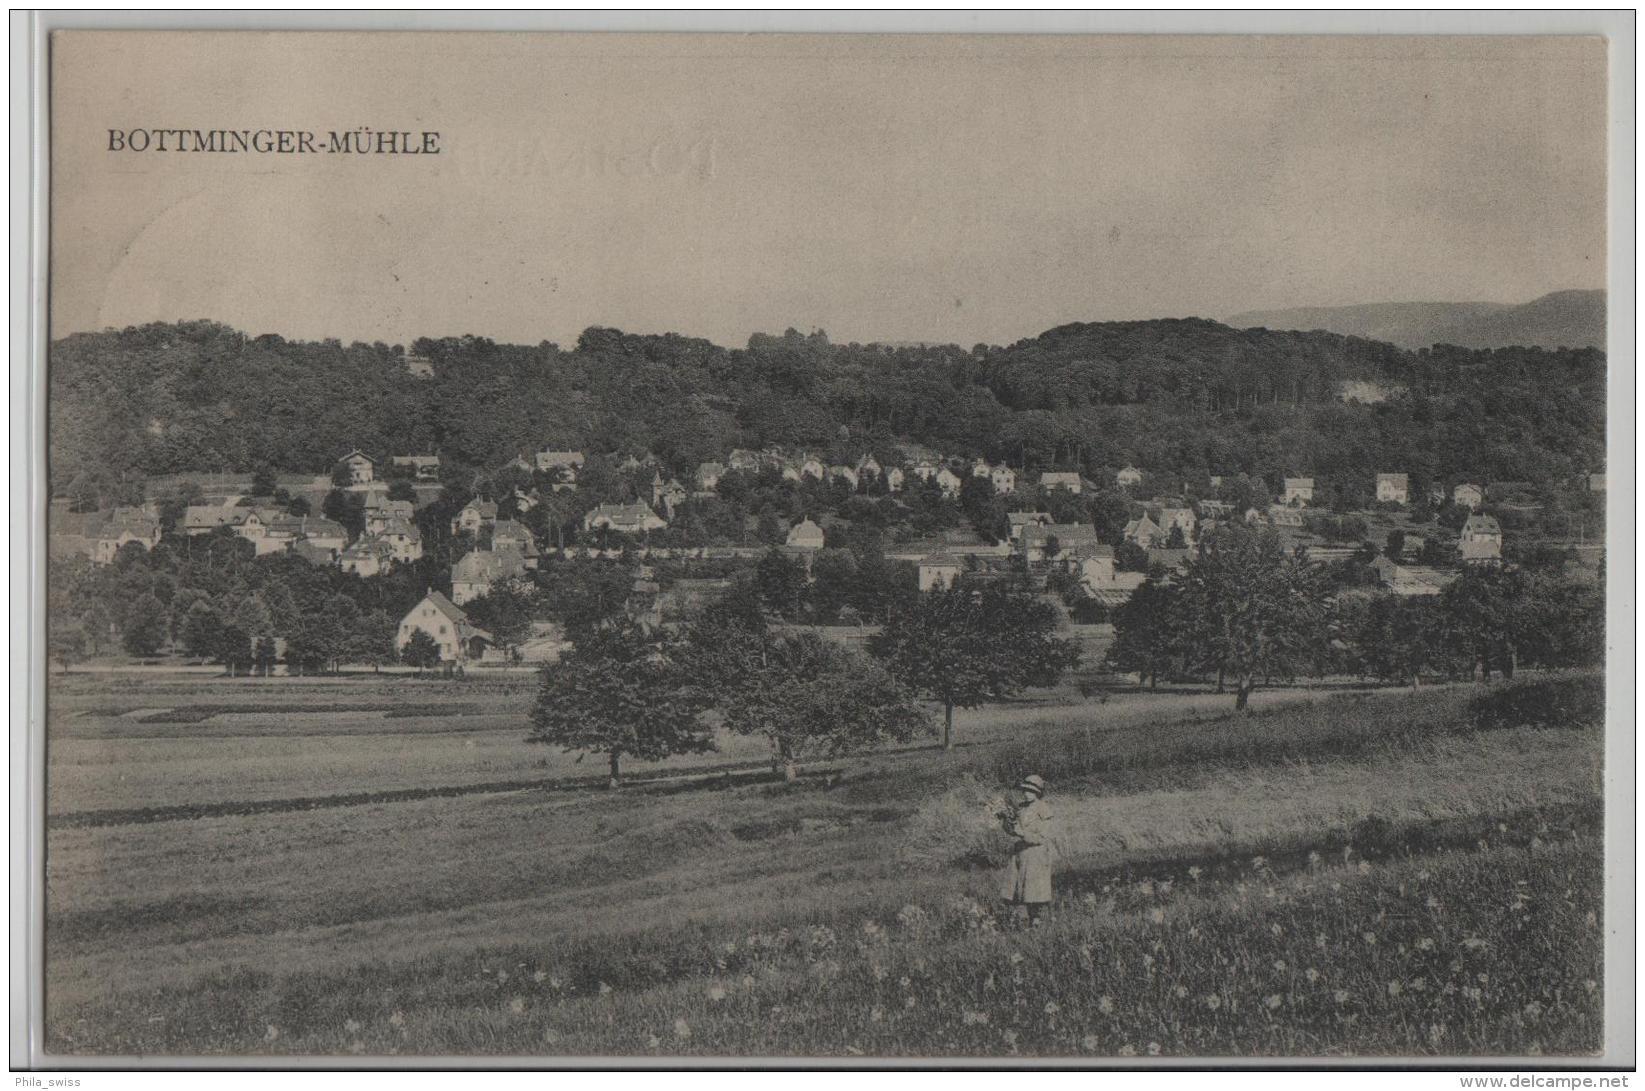 Bottminger-Mühle - Photo: H. Speiser - BL Bâle-Campagne